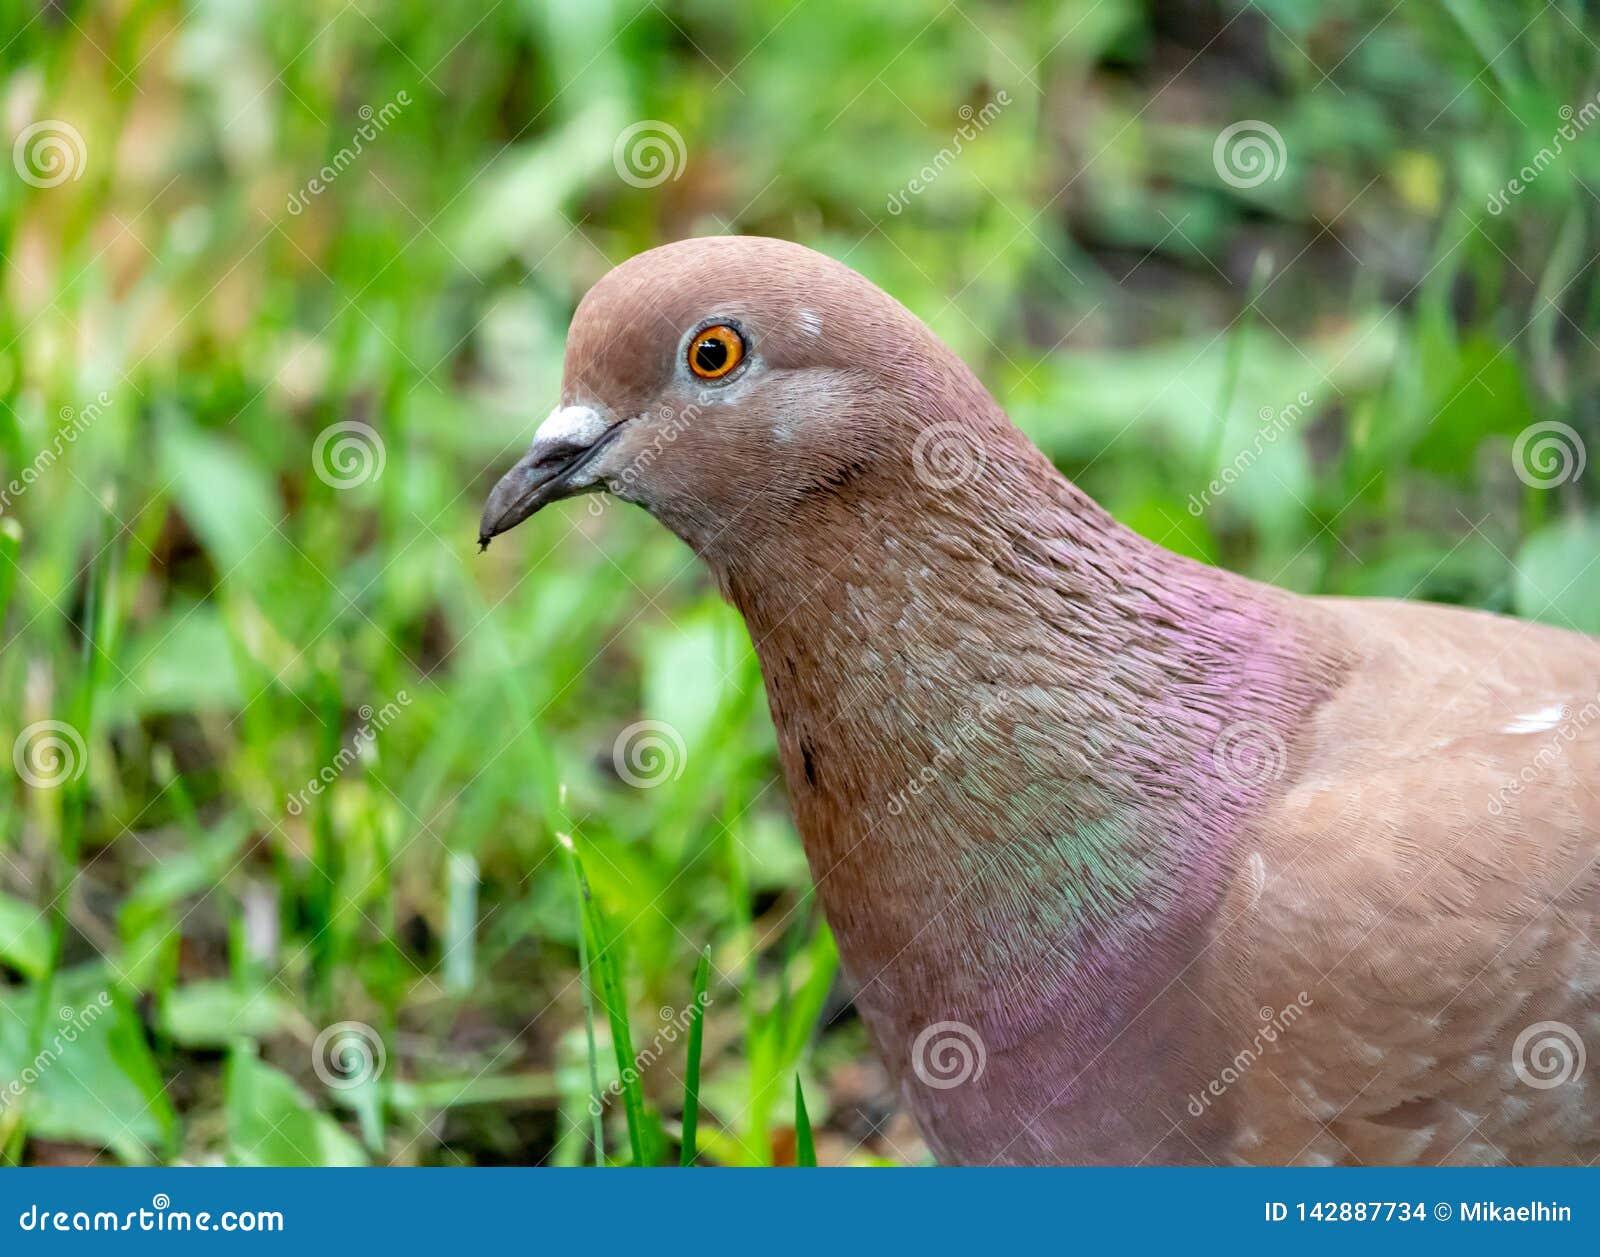 Портрет коричневого голубя в зеленой траве